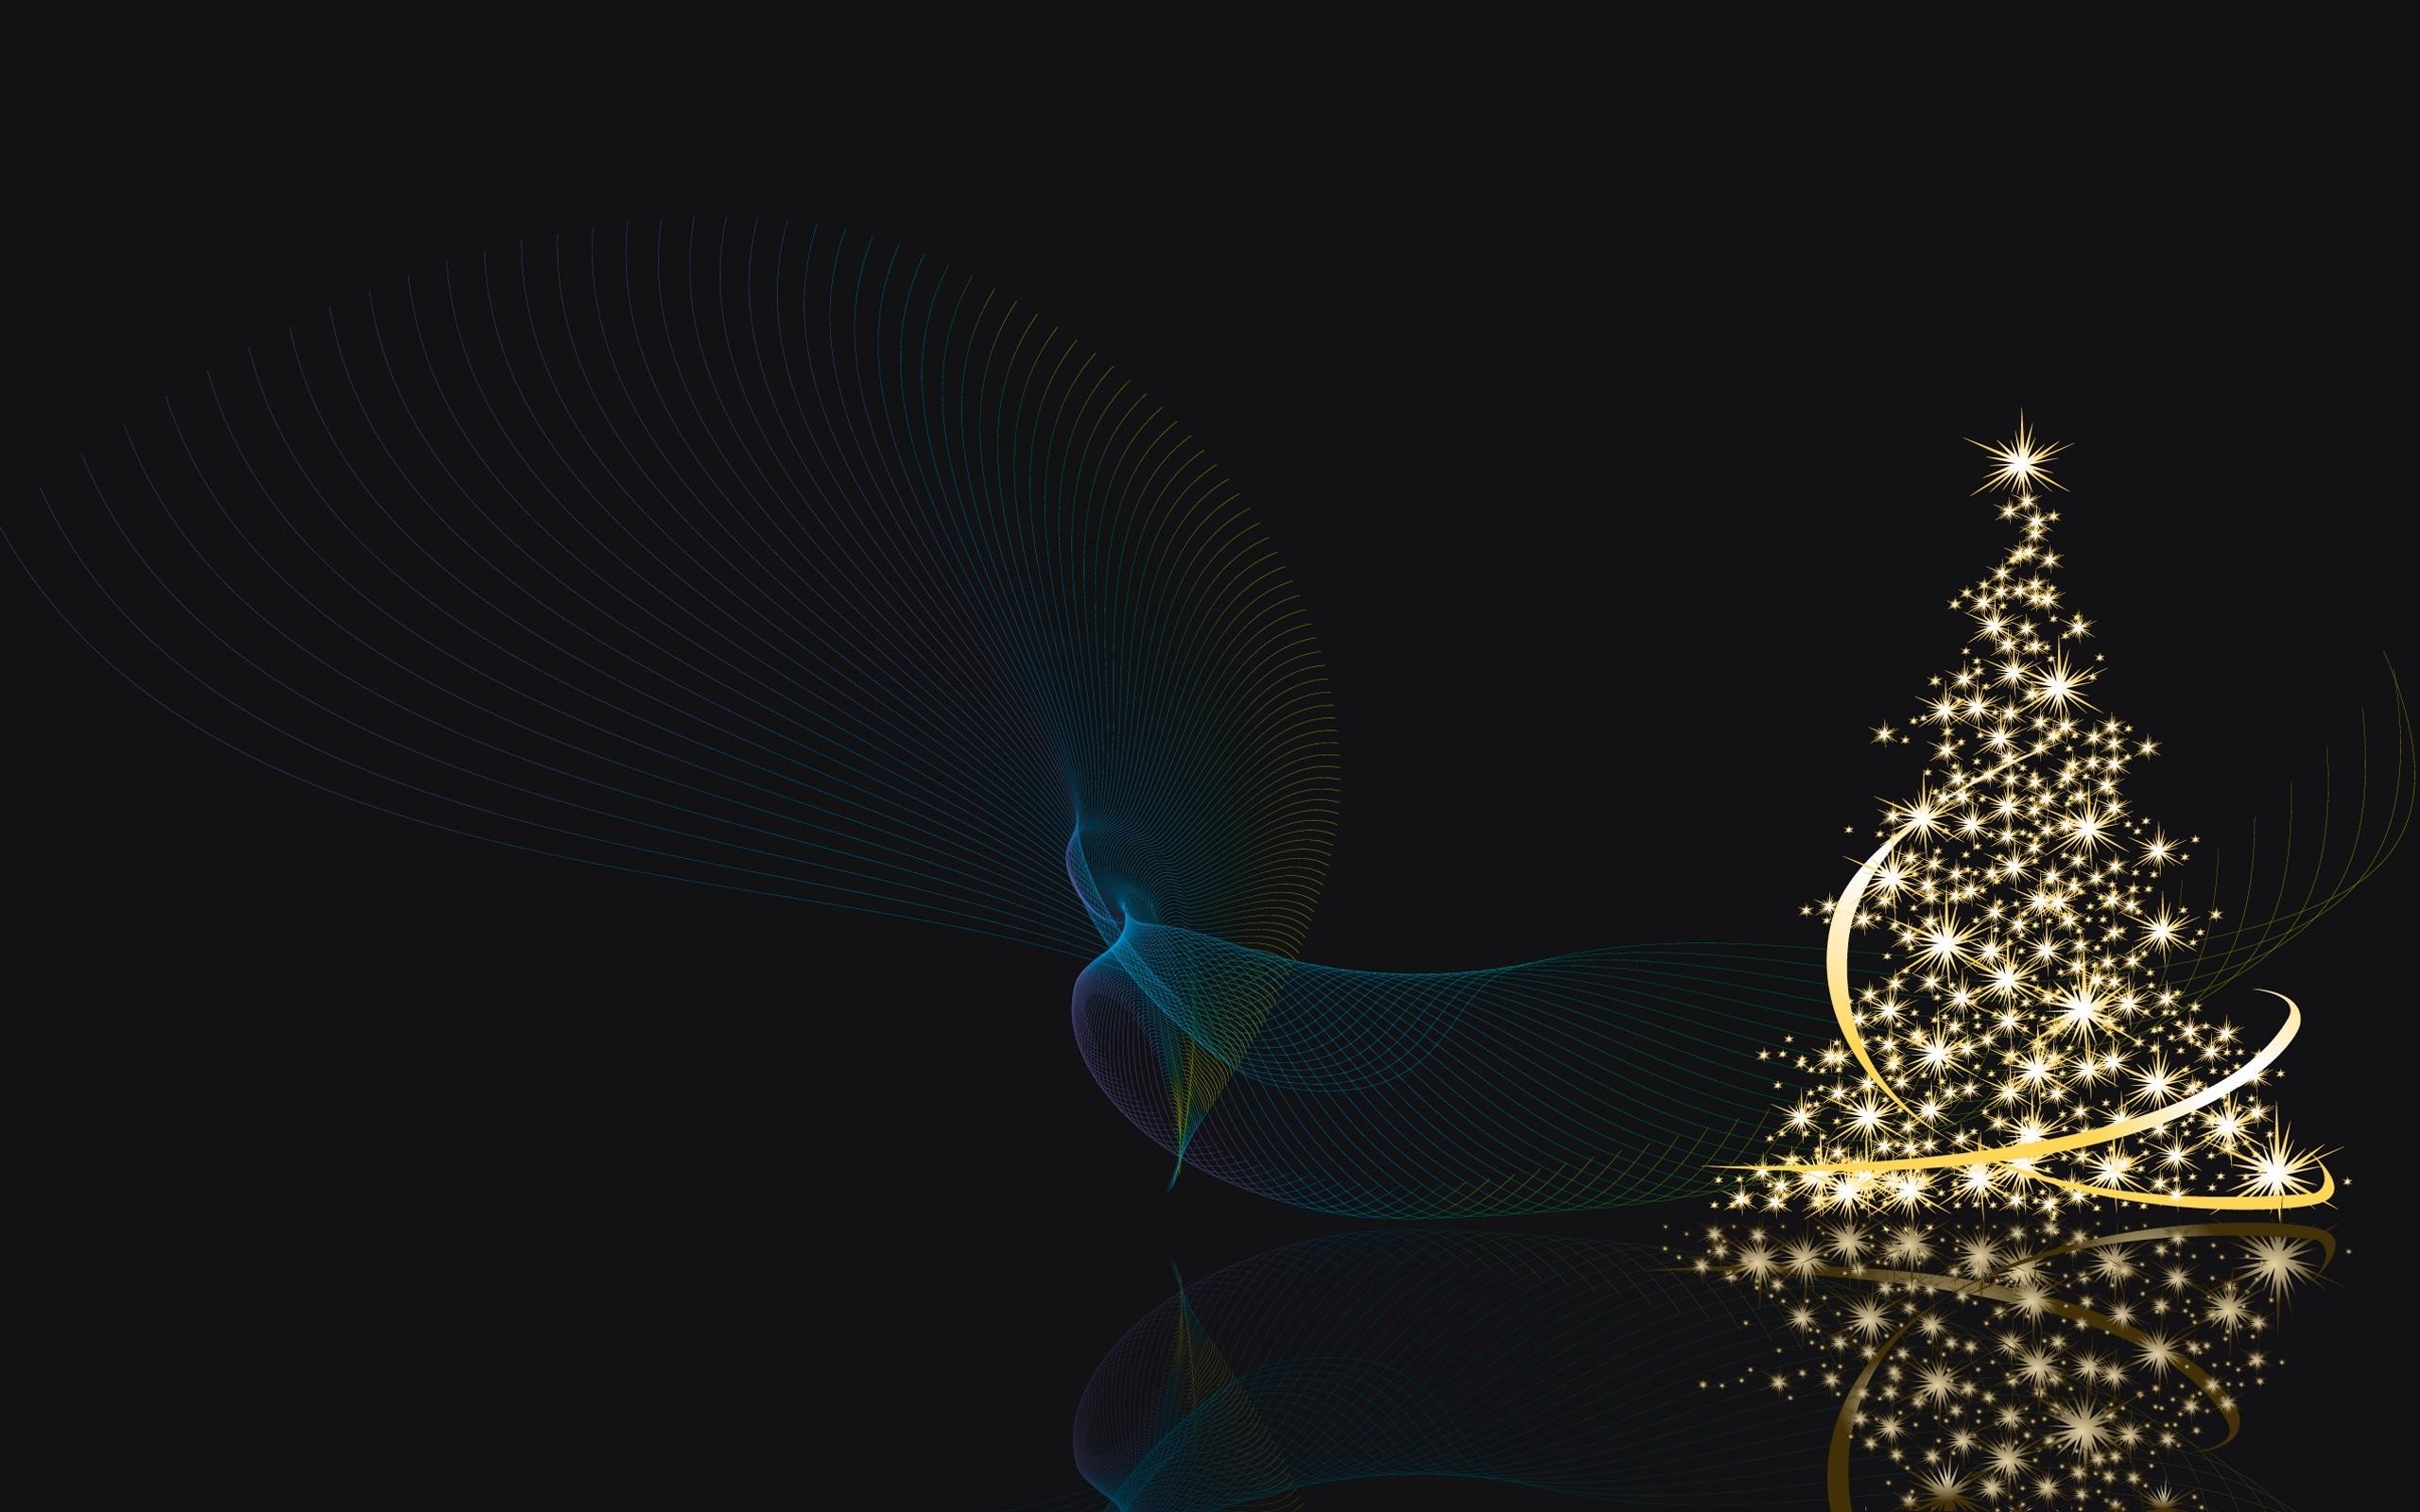 Wallpaper Night Christmas Tree Christmas Lights